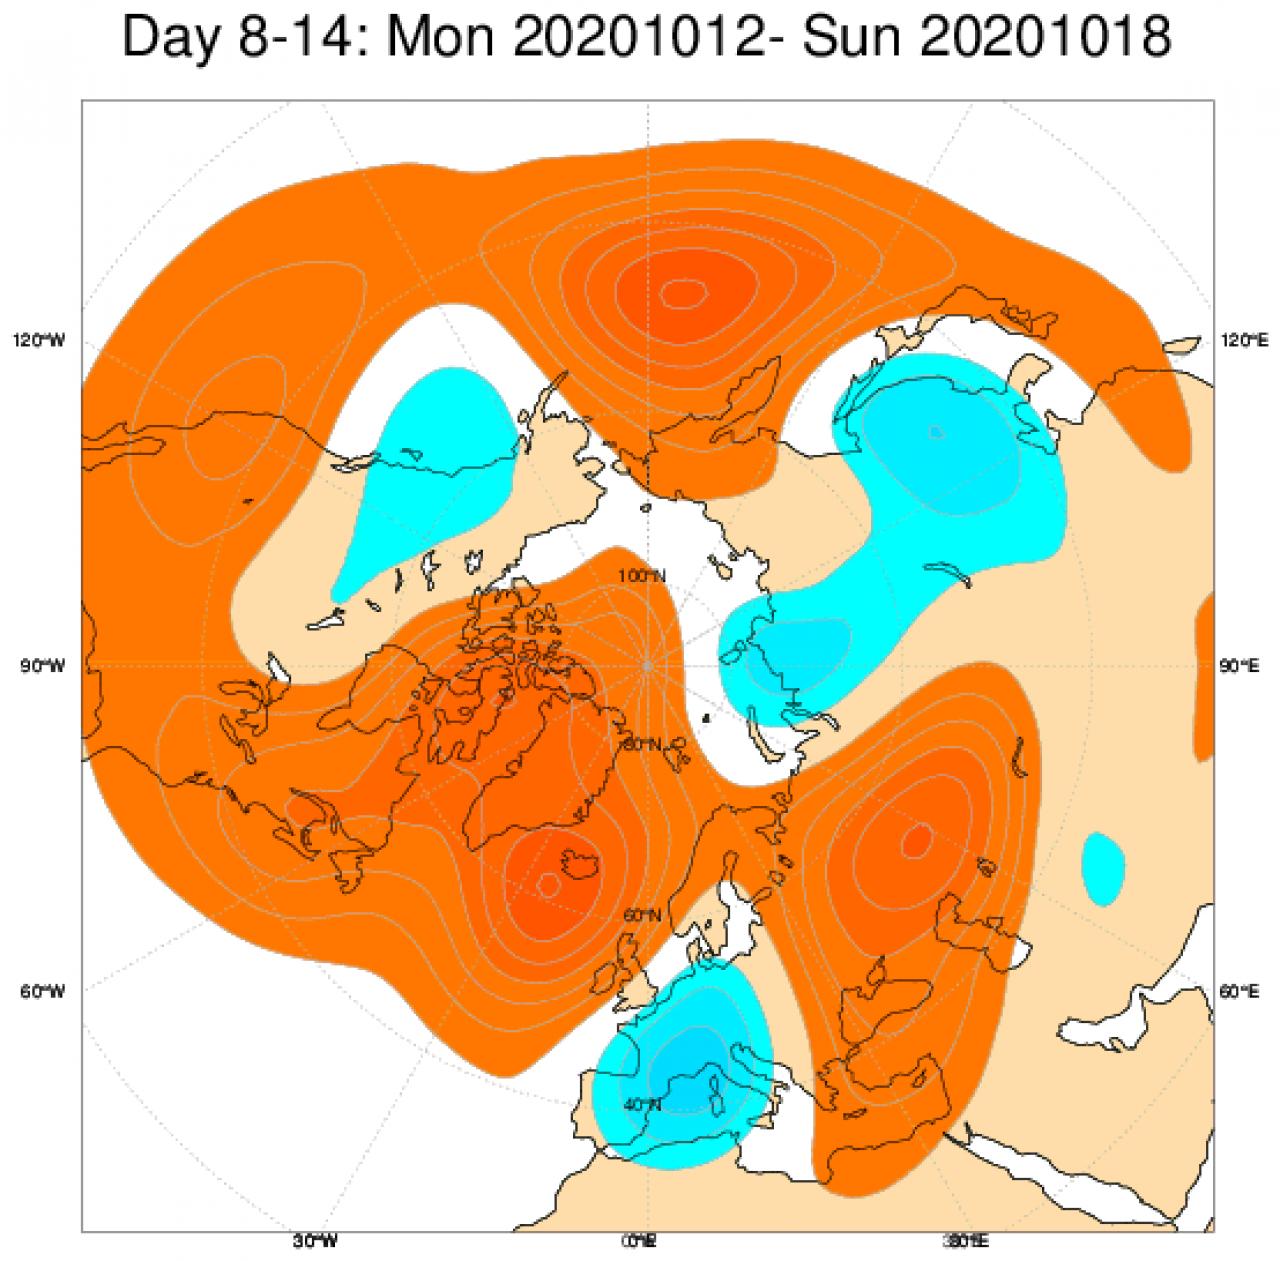 Le anomalie di geopotenziale a 500hPa secondo il modello ECMWF mediate sul periodo 12-18 ottobre